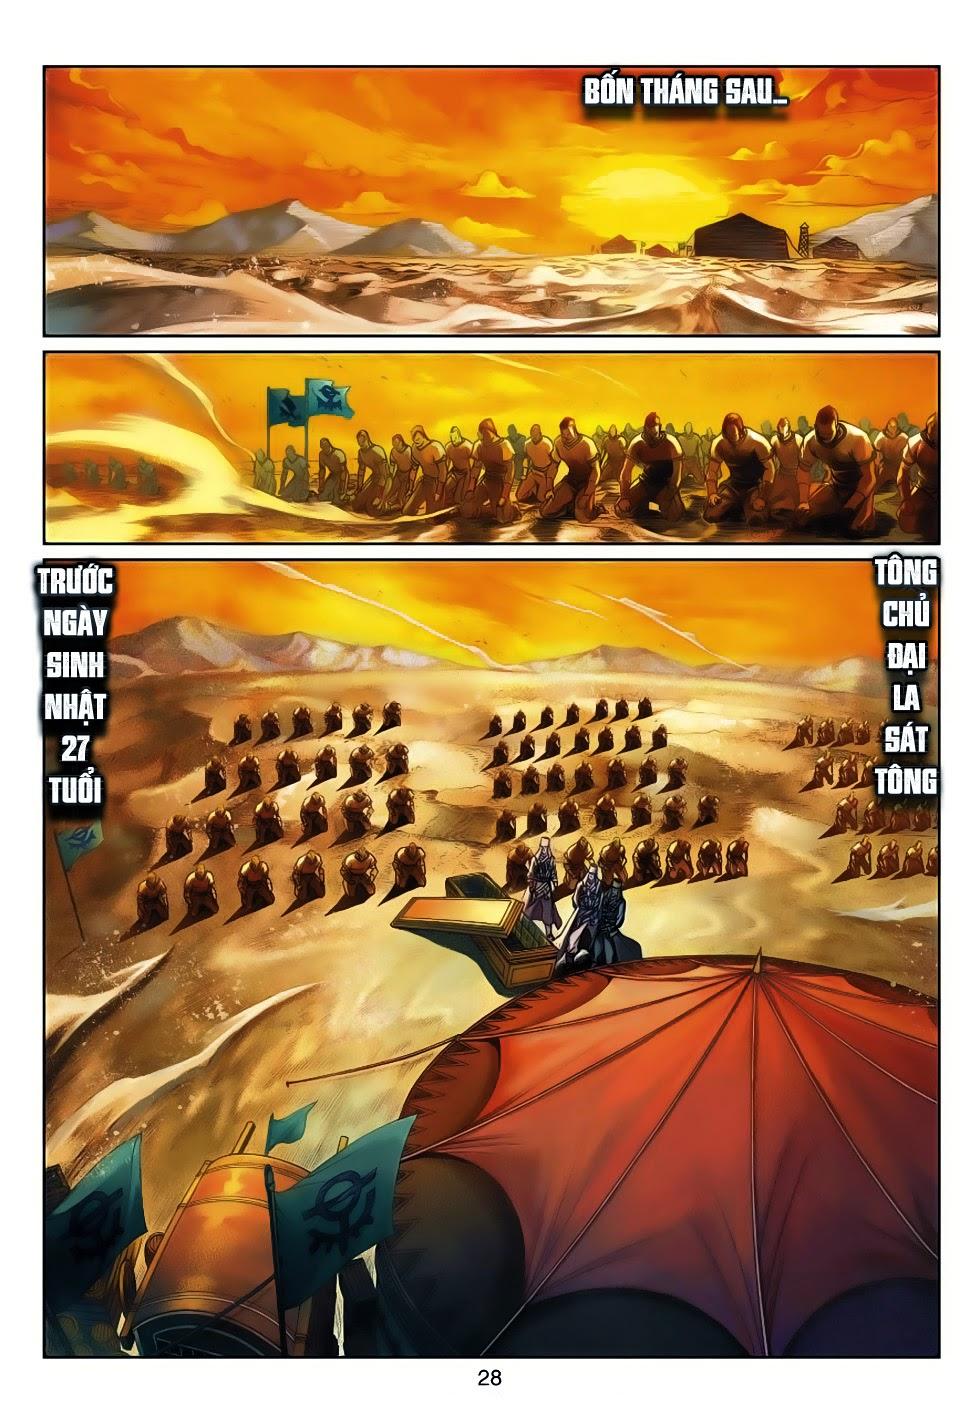 Thần Binh Tiền Truyện 4 - Huyền Thiên Tà Đế chap 13 - Trang 28